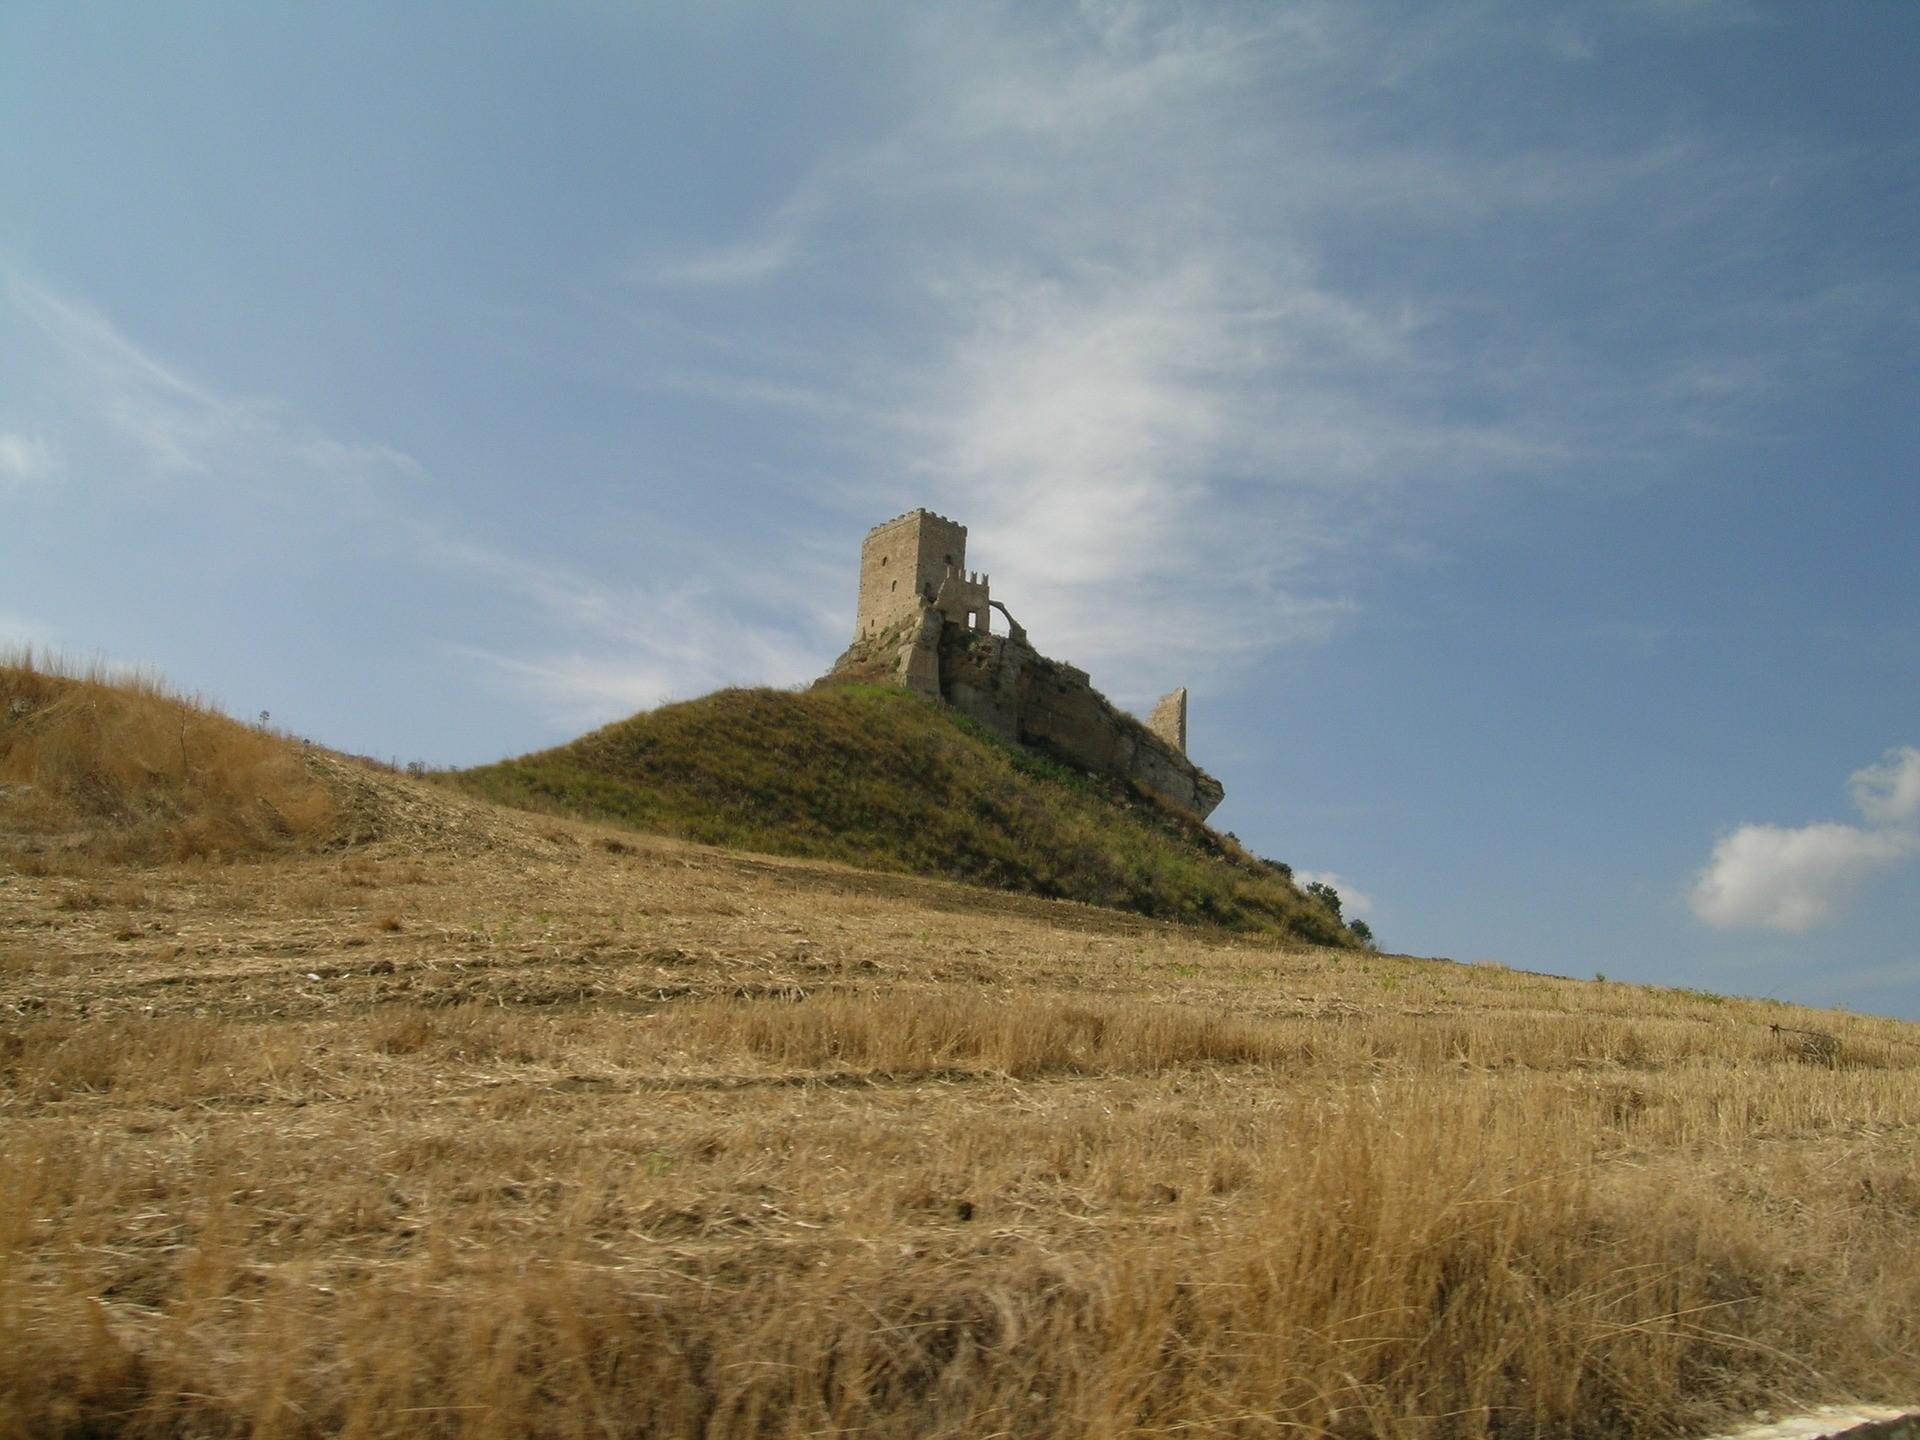 Castello di Cefalà Diana nei dintorni di Palermo - Foto di Luigi Mennella